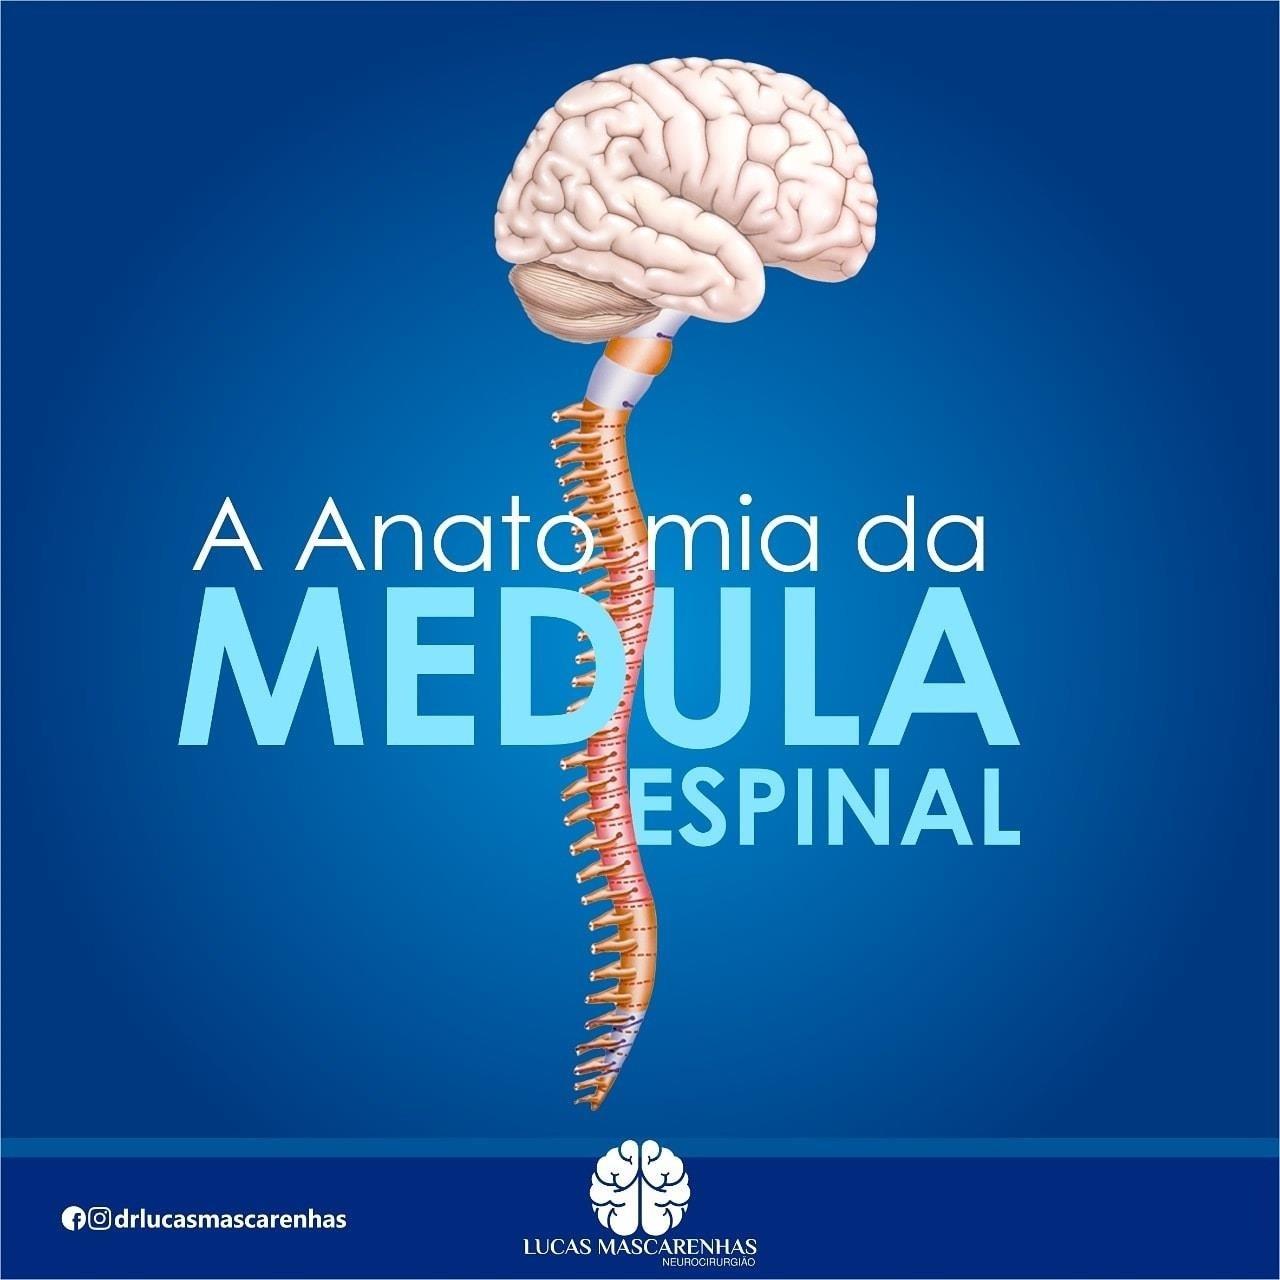 A anatomia da medula espinhal.